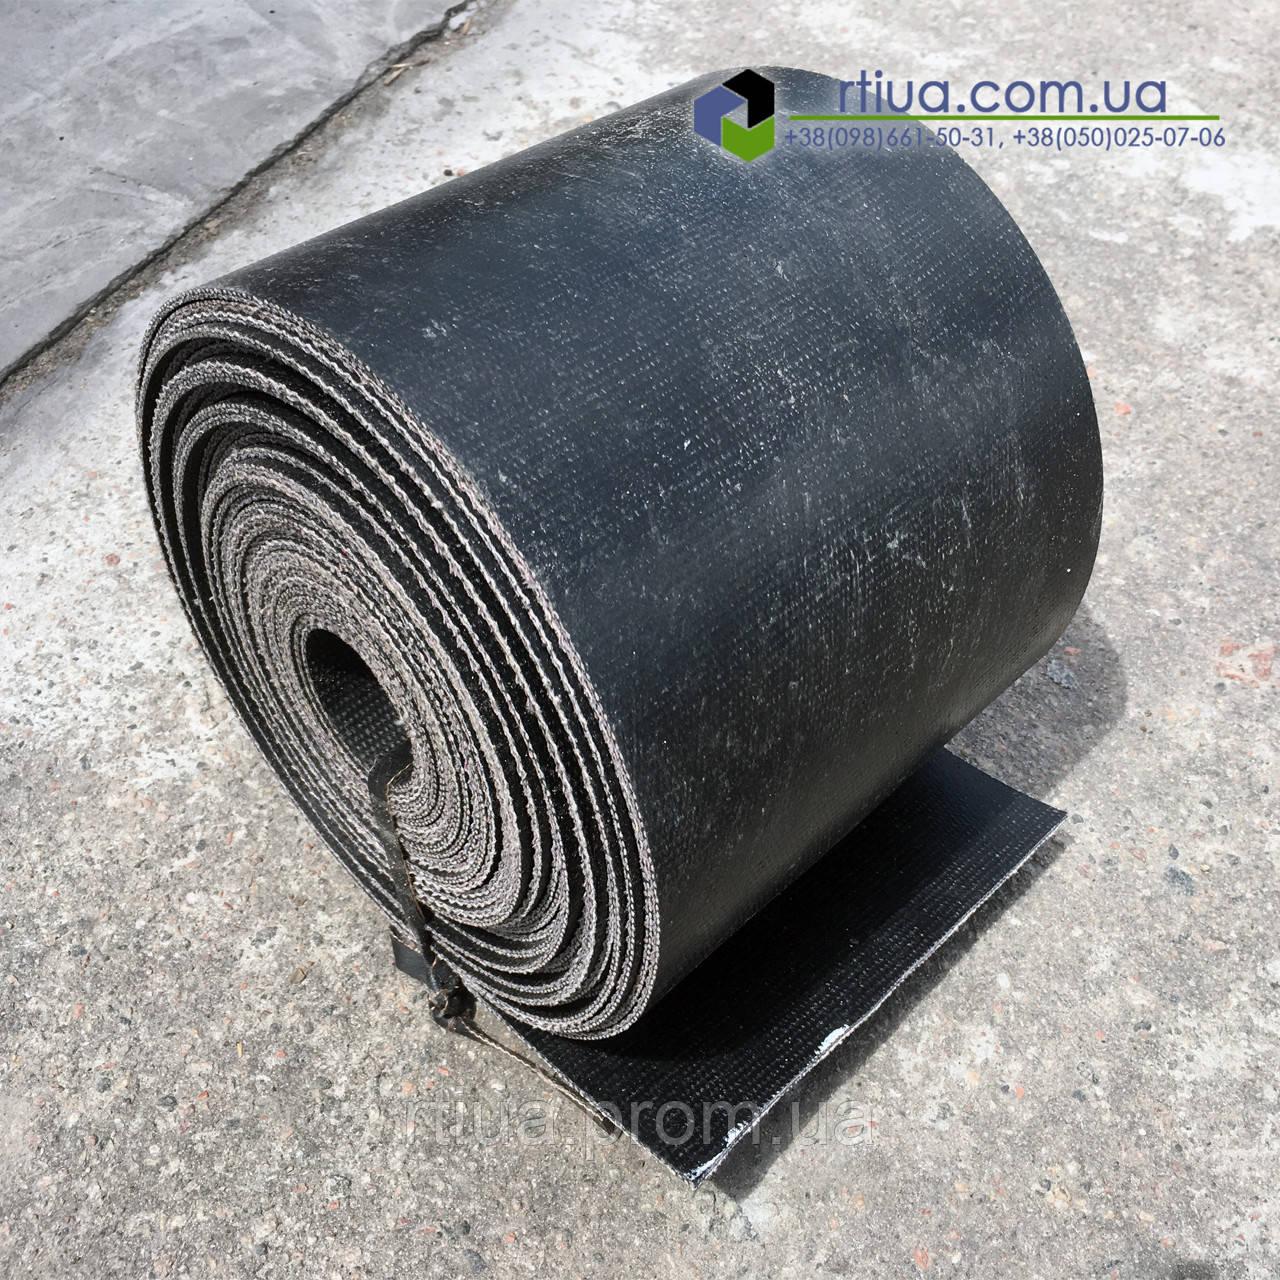 Транспортерная лента БКНЛ, 600х3 - 2/0 (5 мм)